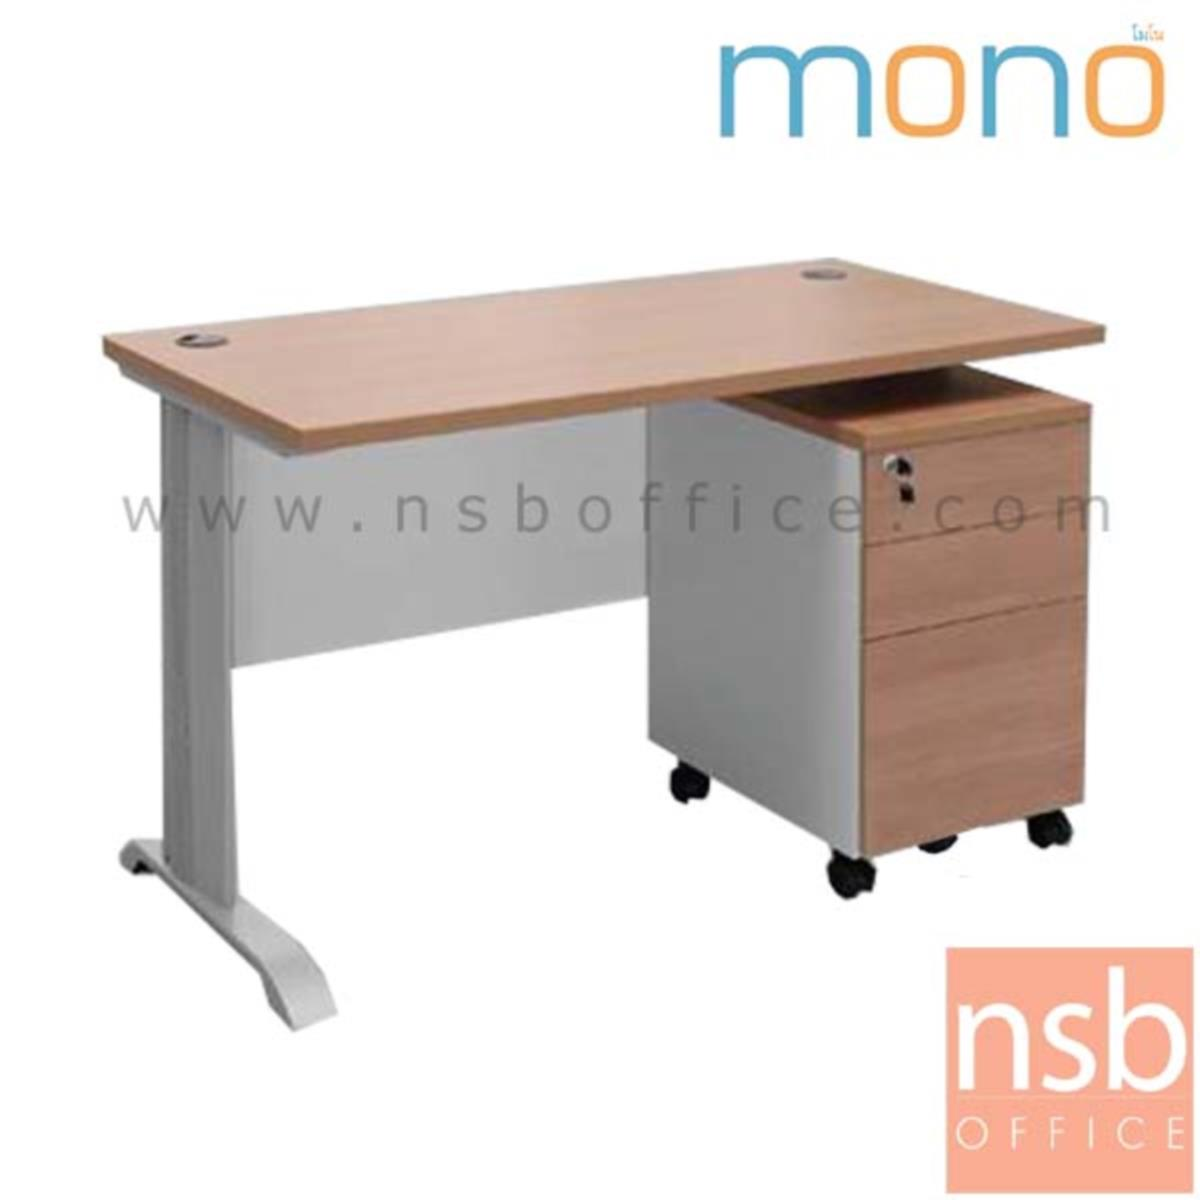 A10A078:โต๊ะทำงานทรงสี่เหลี่ยม รุ่น MN-VH ขนาด 120W cm. พร้อมลิ้นชักล้อเลื่อน ขาเหล็ก